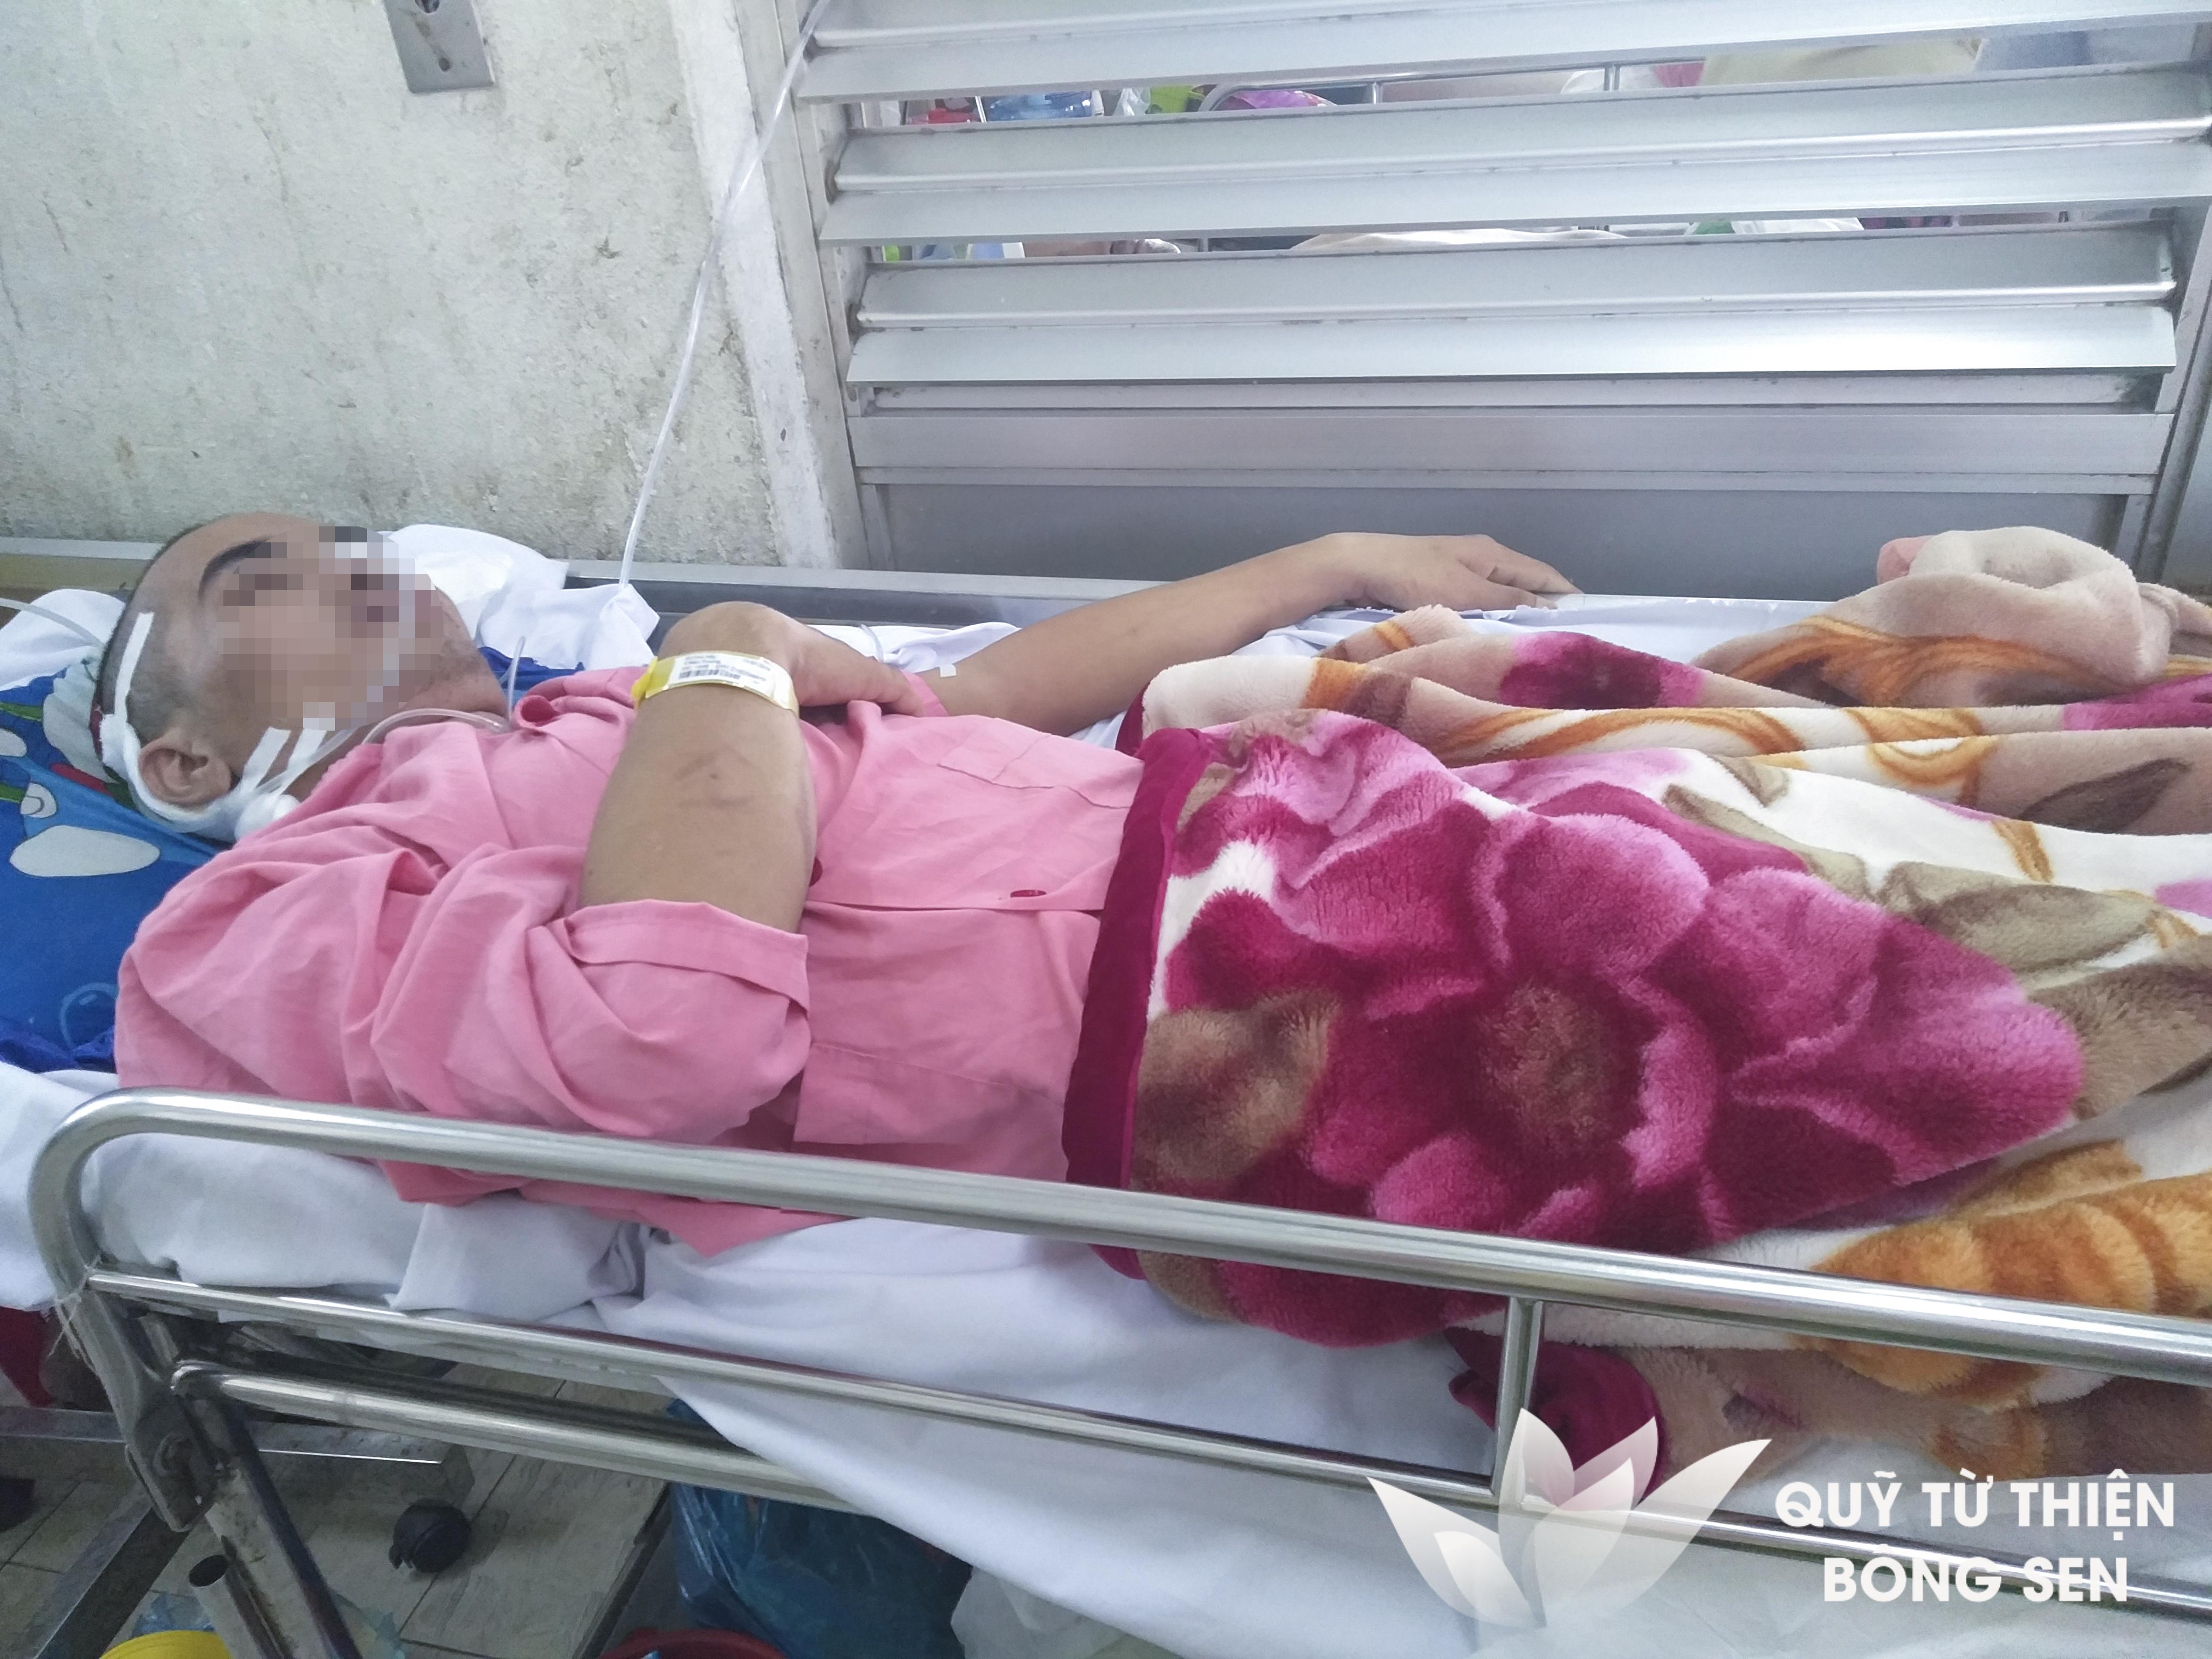 Kỳ 380: Bệnh Nhân Y Bảo Trung (sinh 1988) Quê Bình Thuận, U Dây Thần Kinh Số 8, Hỗ Trợ 11.000.000 Đồng Ngày 09/08/2018